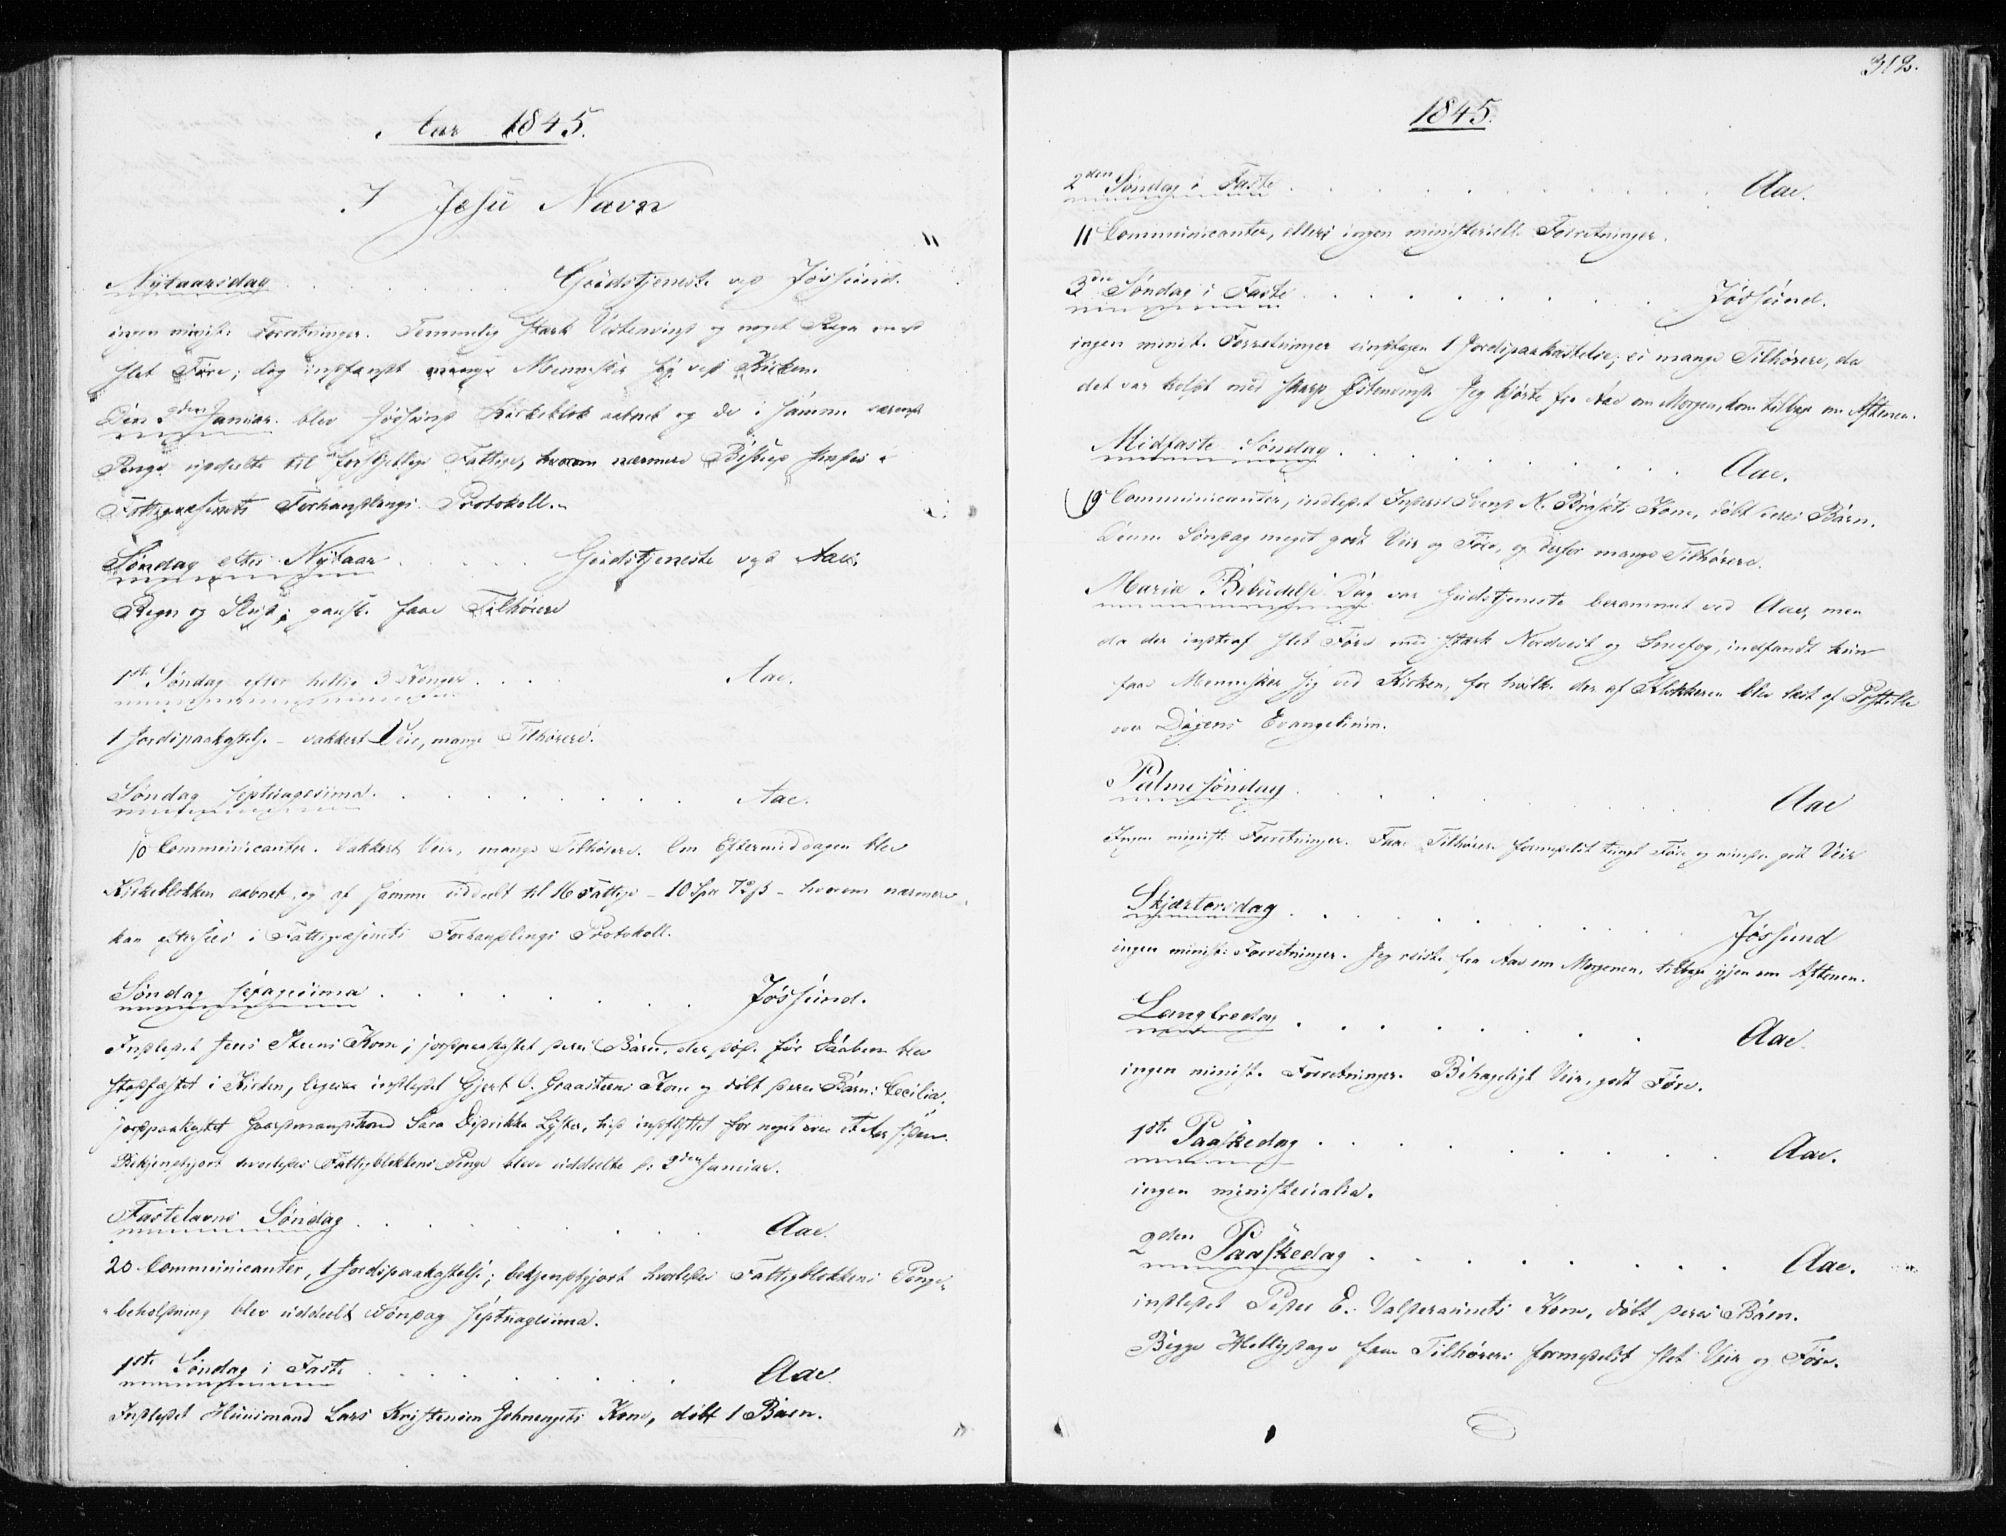 SAT, Ministerialprotokoller, klokkerbøker og fødselsregistre - Sør-Trøndelag, 655/L0676: Ministerialbok nr. 655A05, 1830-1847, s. 312